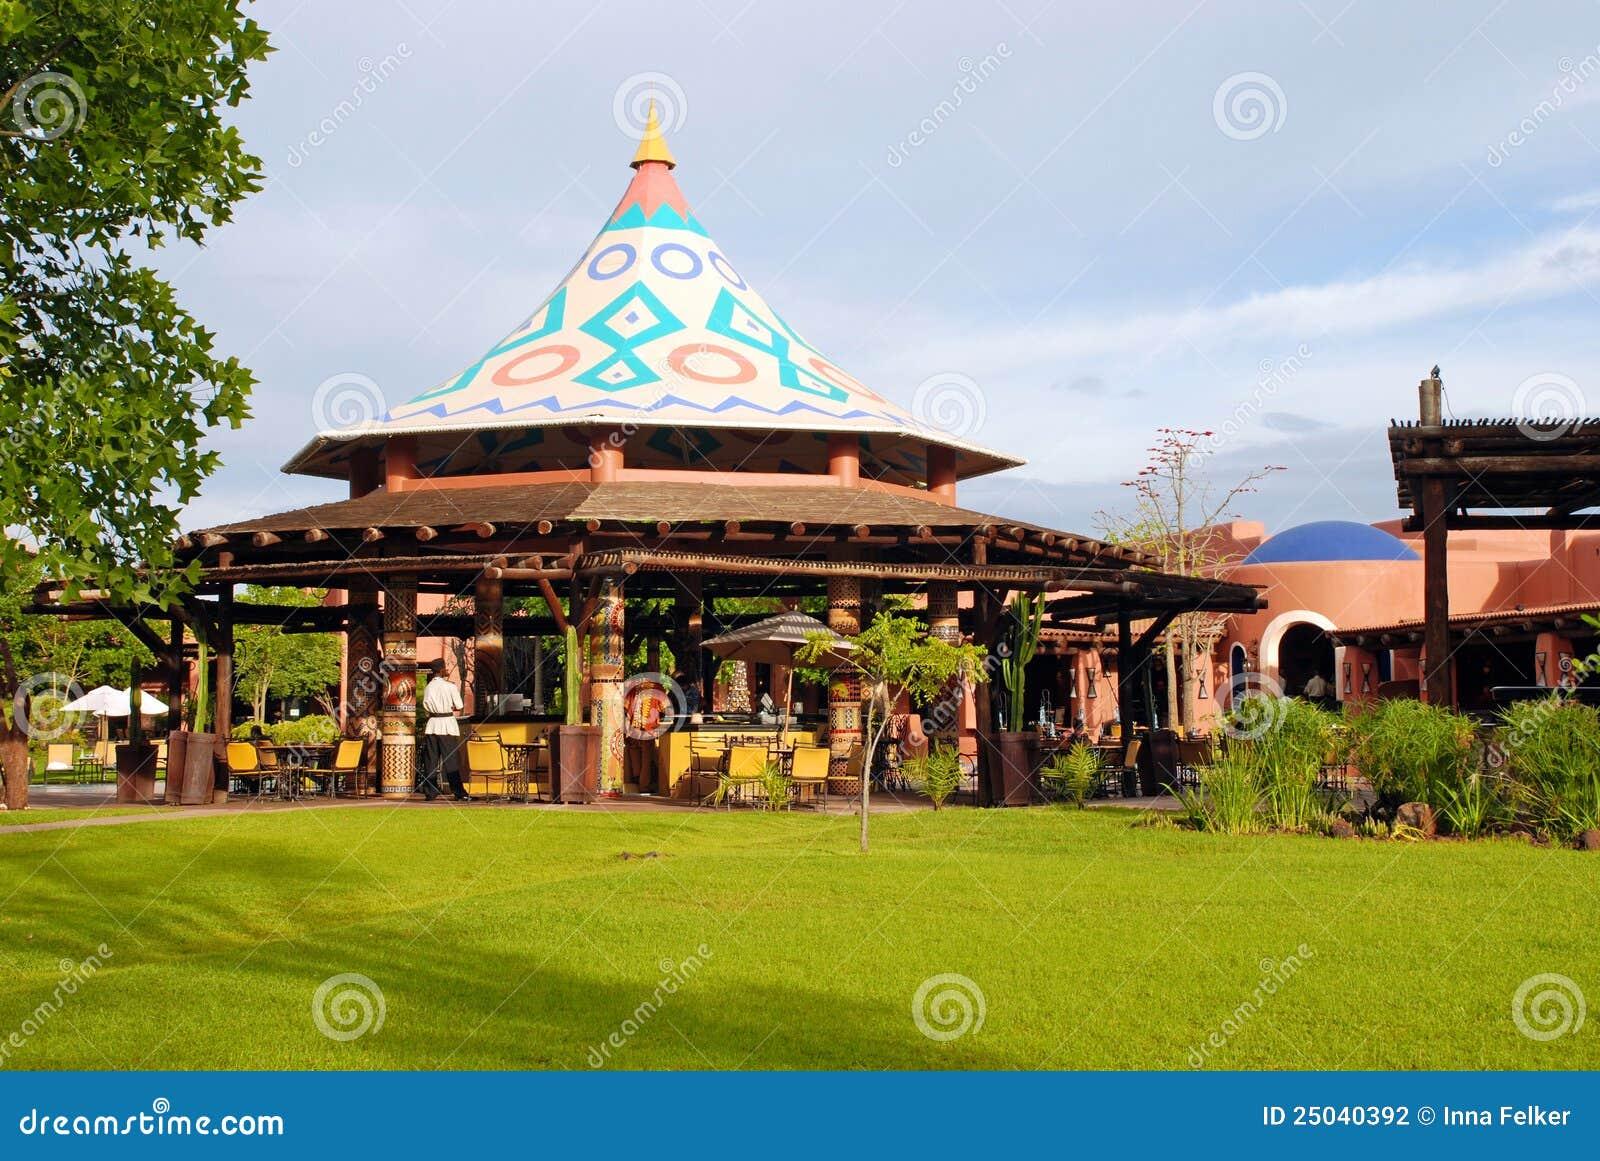 Outdoor Restaurant In Resort Hotel Zambia Africa Stock